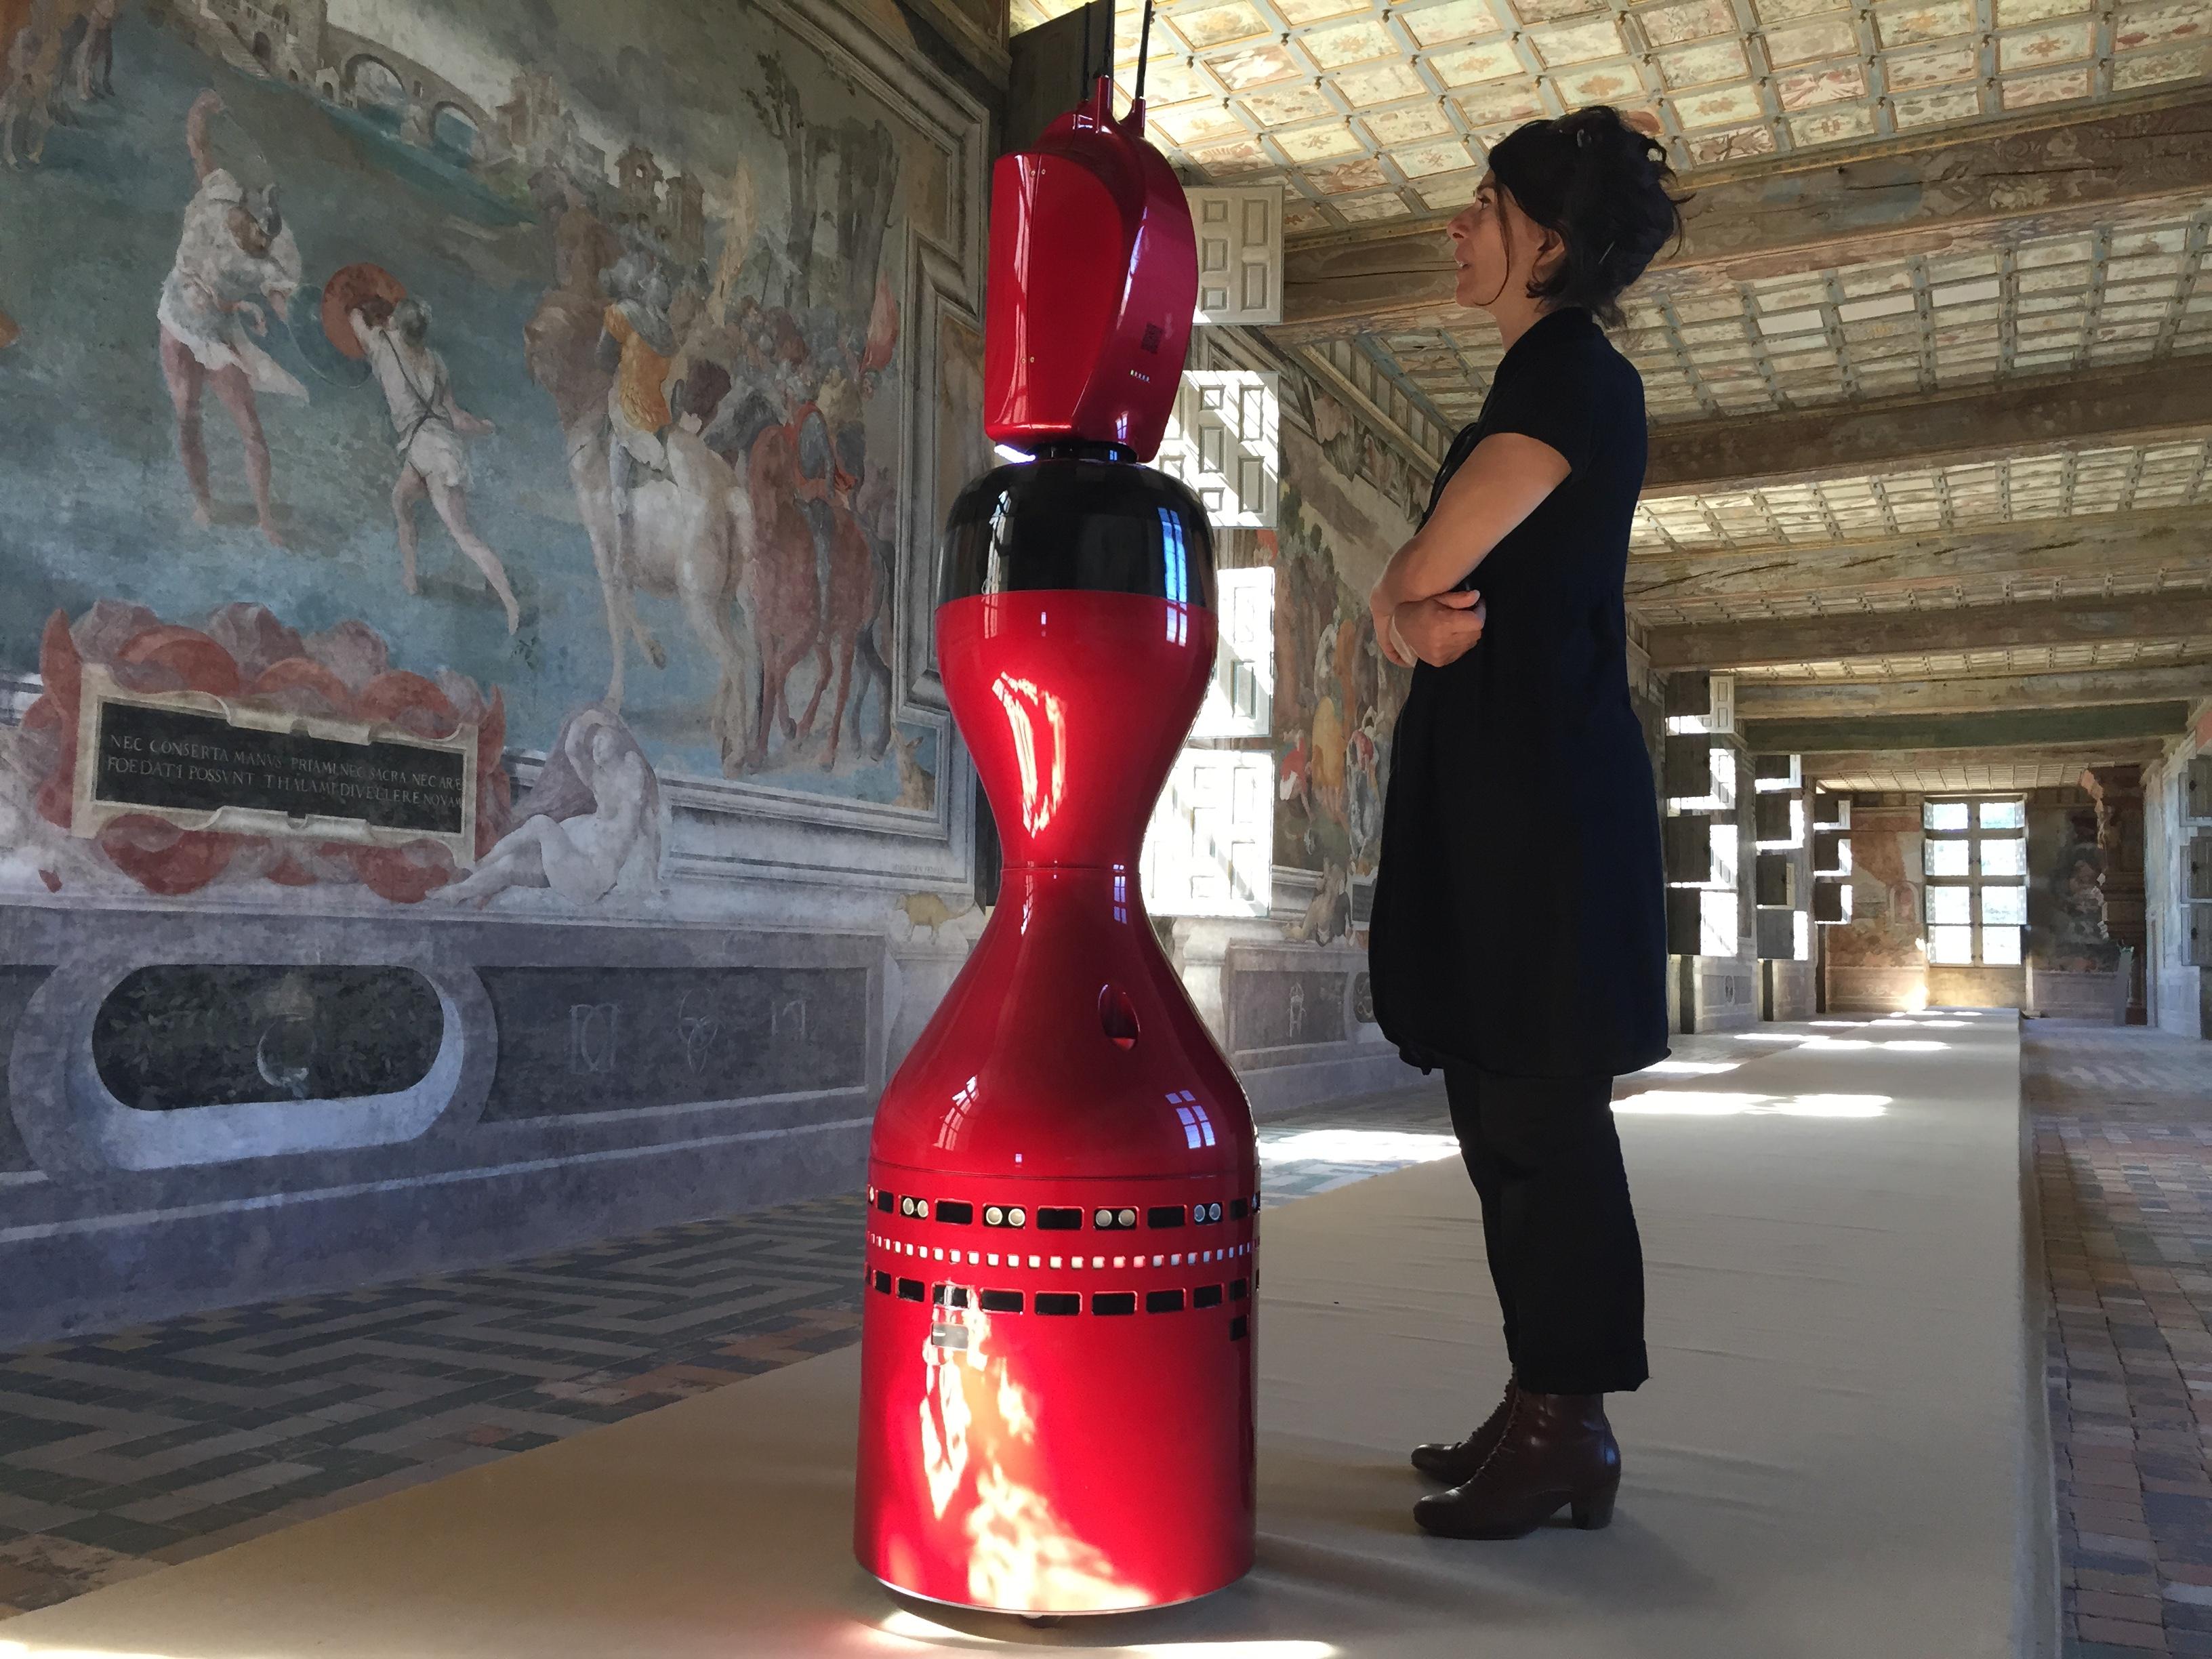 Le robot d'aide à la visite Norio - Crédit photographique Château d'Oiron